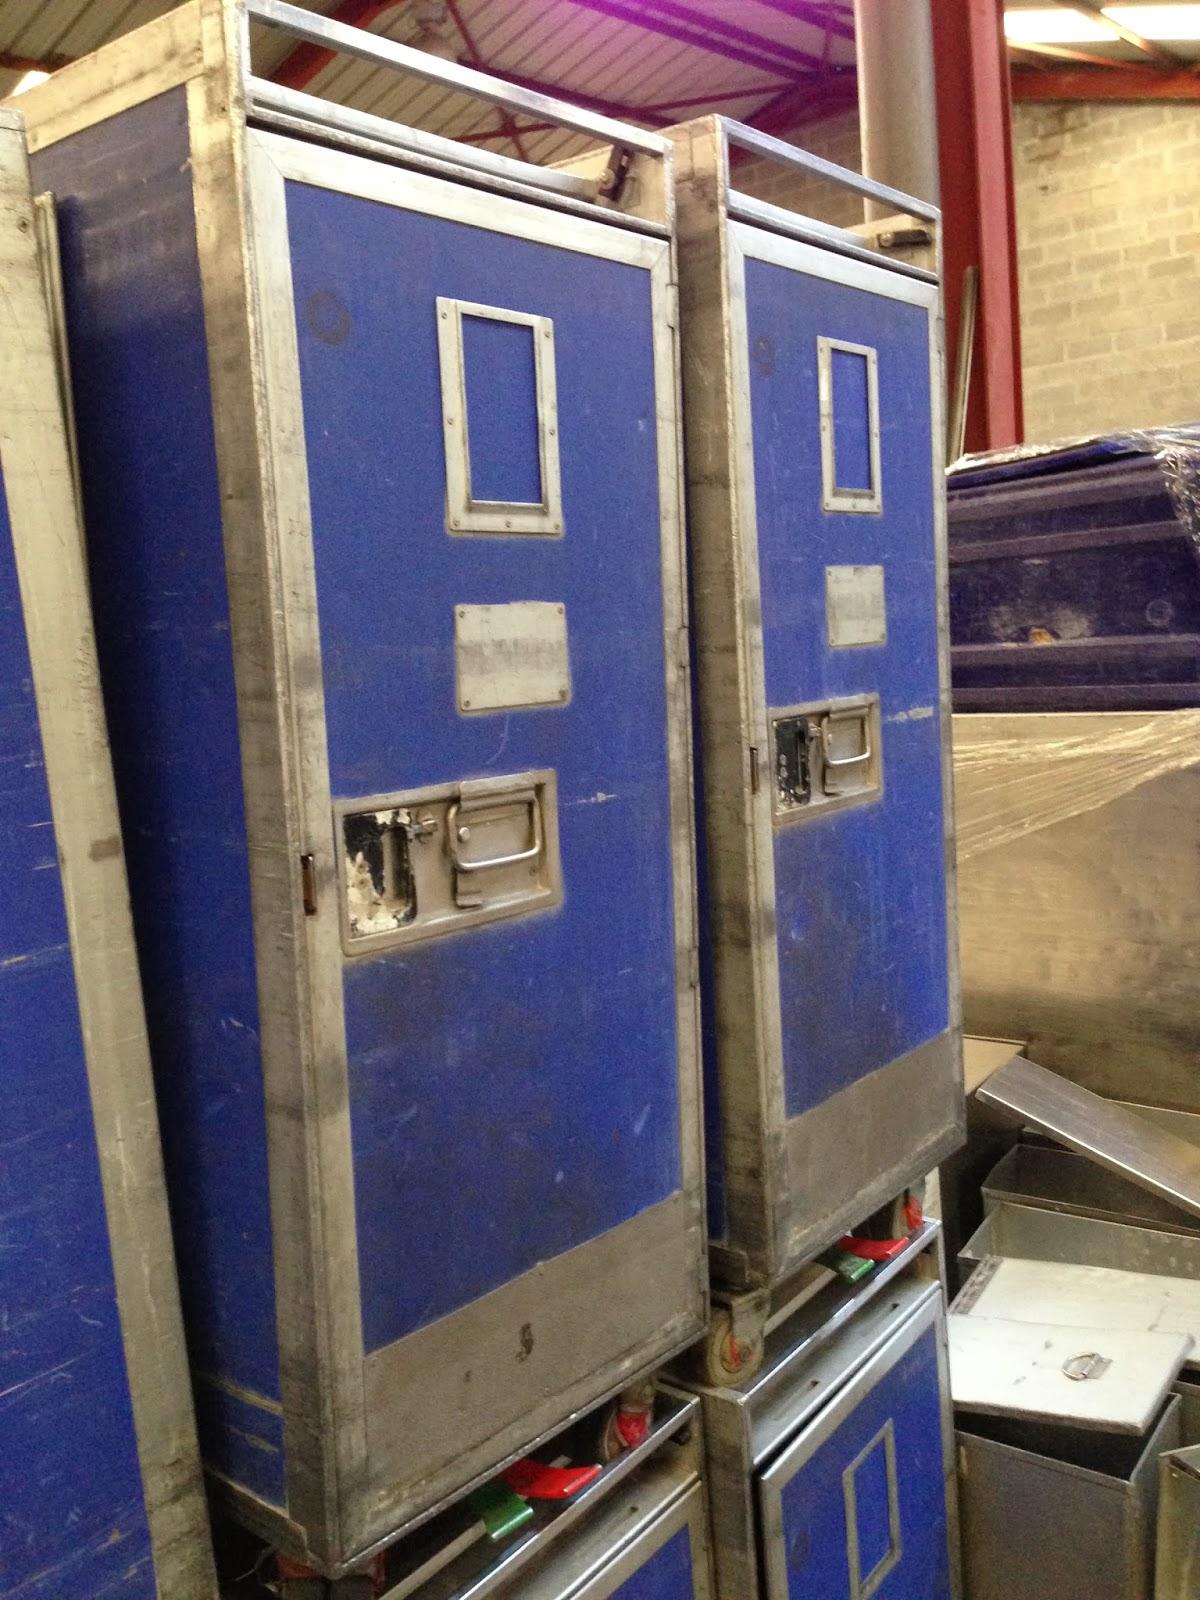 fosmat mat riels d 39 occasion t l 06 09 24 27 76 chariot pour la restauration rapide eurotunnel. Black Bedroom Furniture Sets. Home Design Ideas